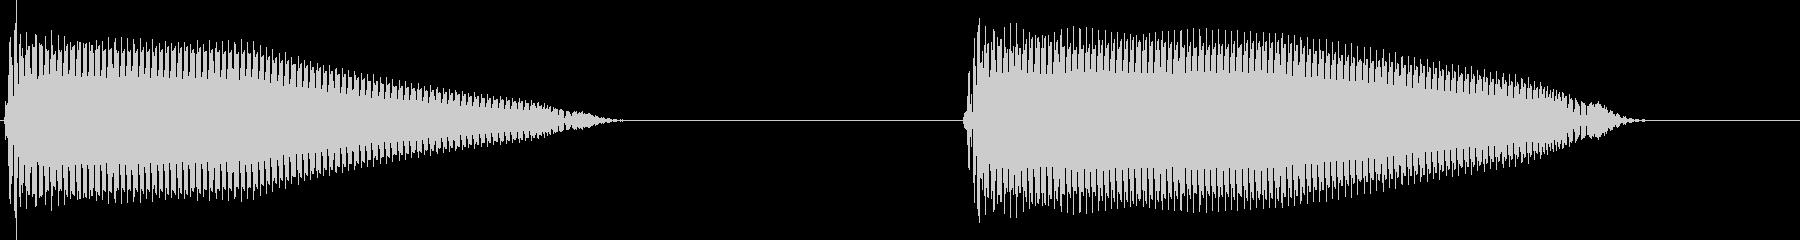 標的捕捉音 Lock アラーム音にもの未再生の波形